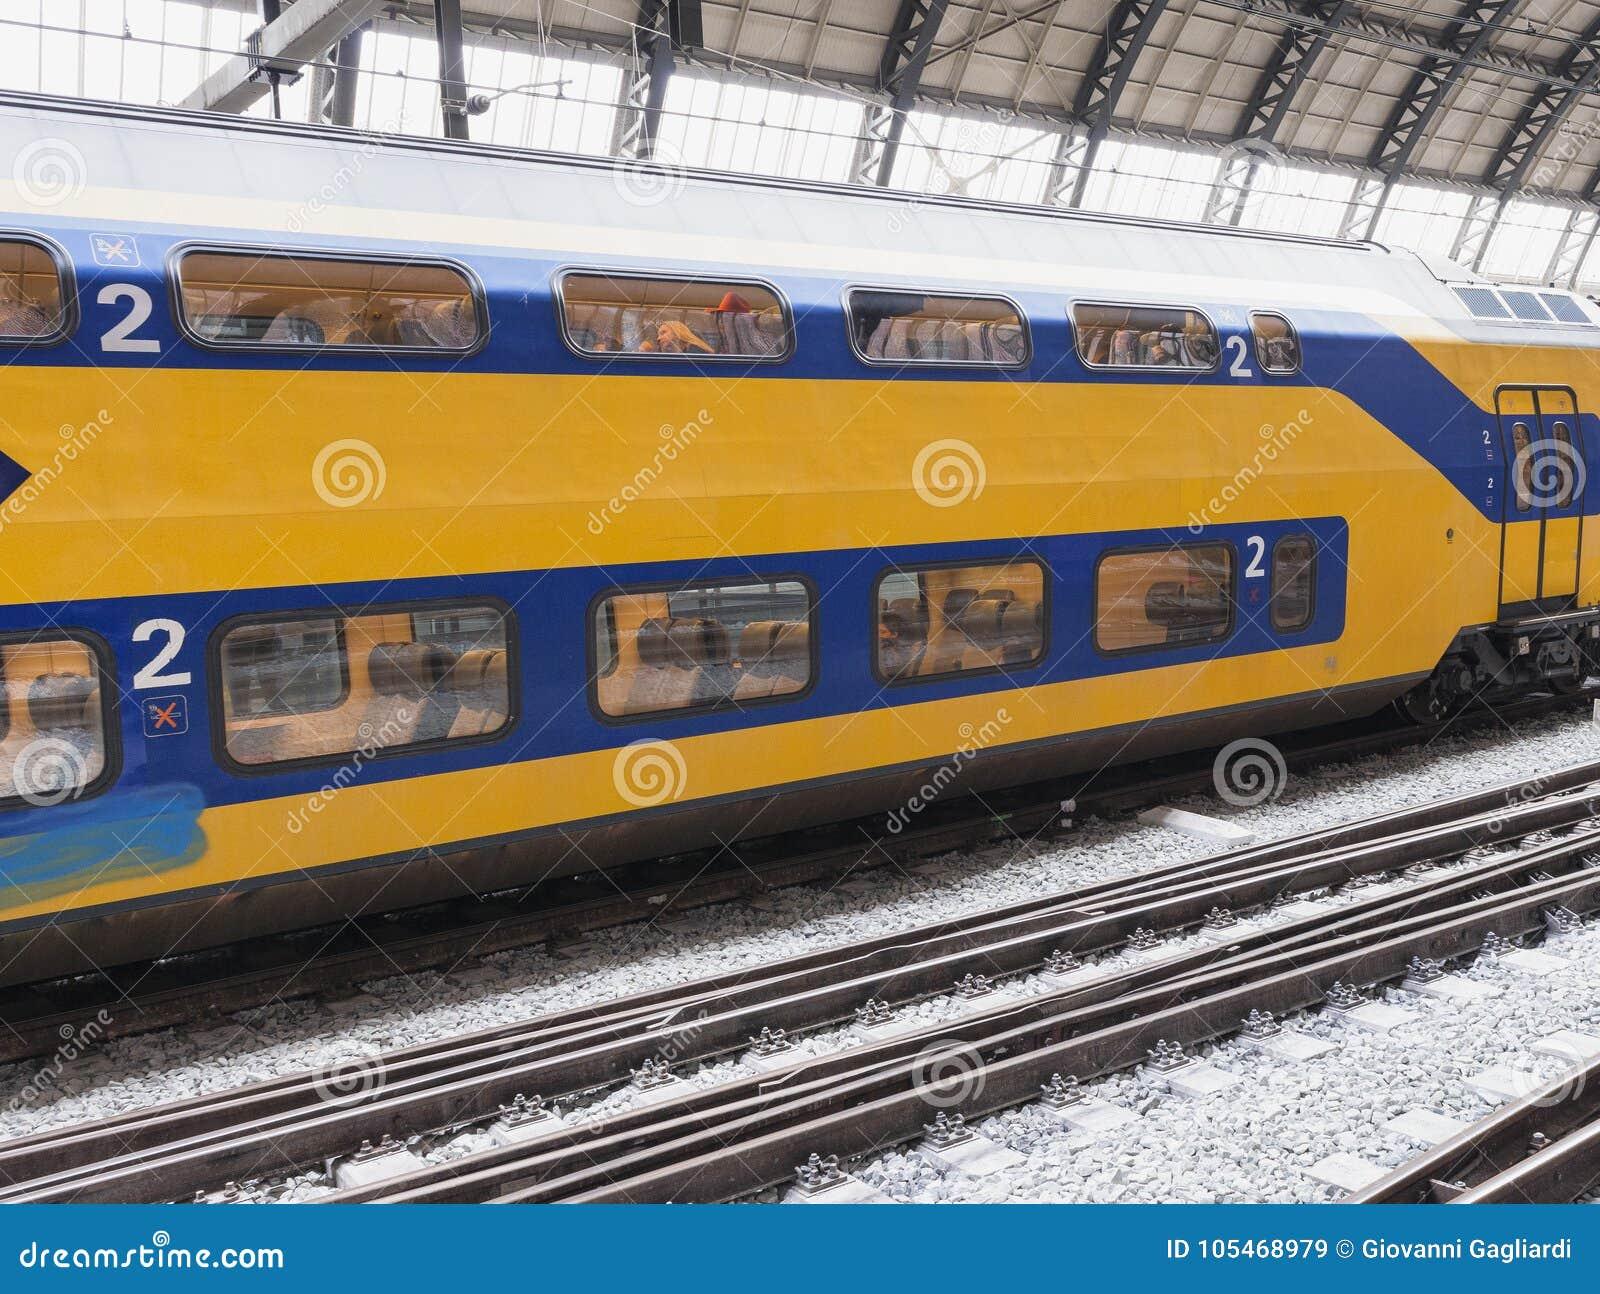 АМСТЕРДАМ - МАРТ 2013: Поезд в главном вокзале Амстердам Centraa